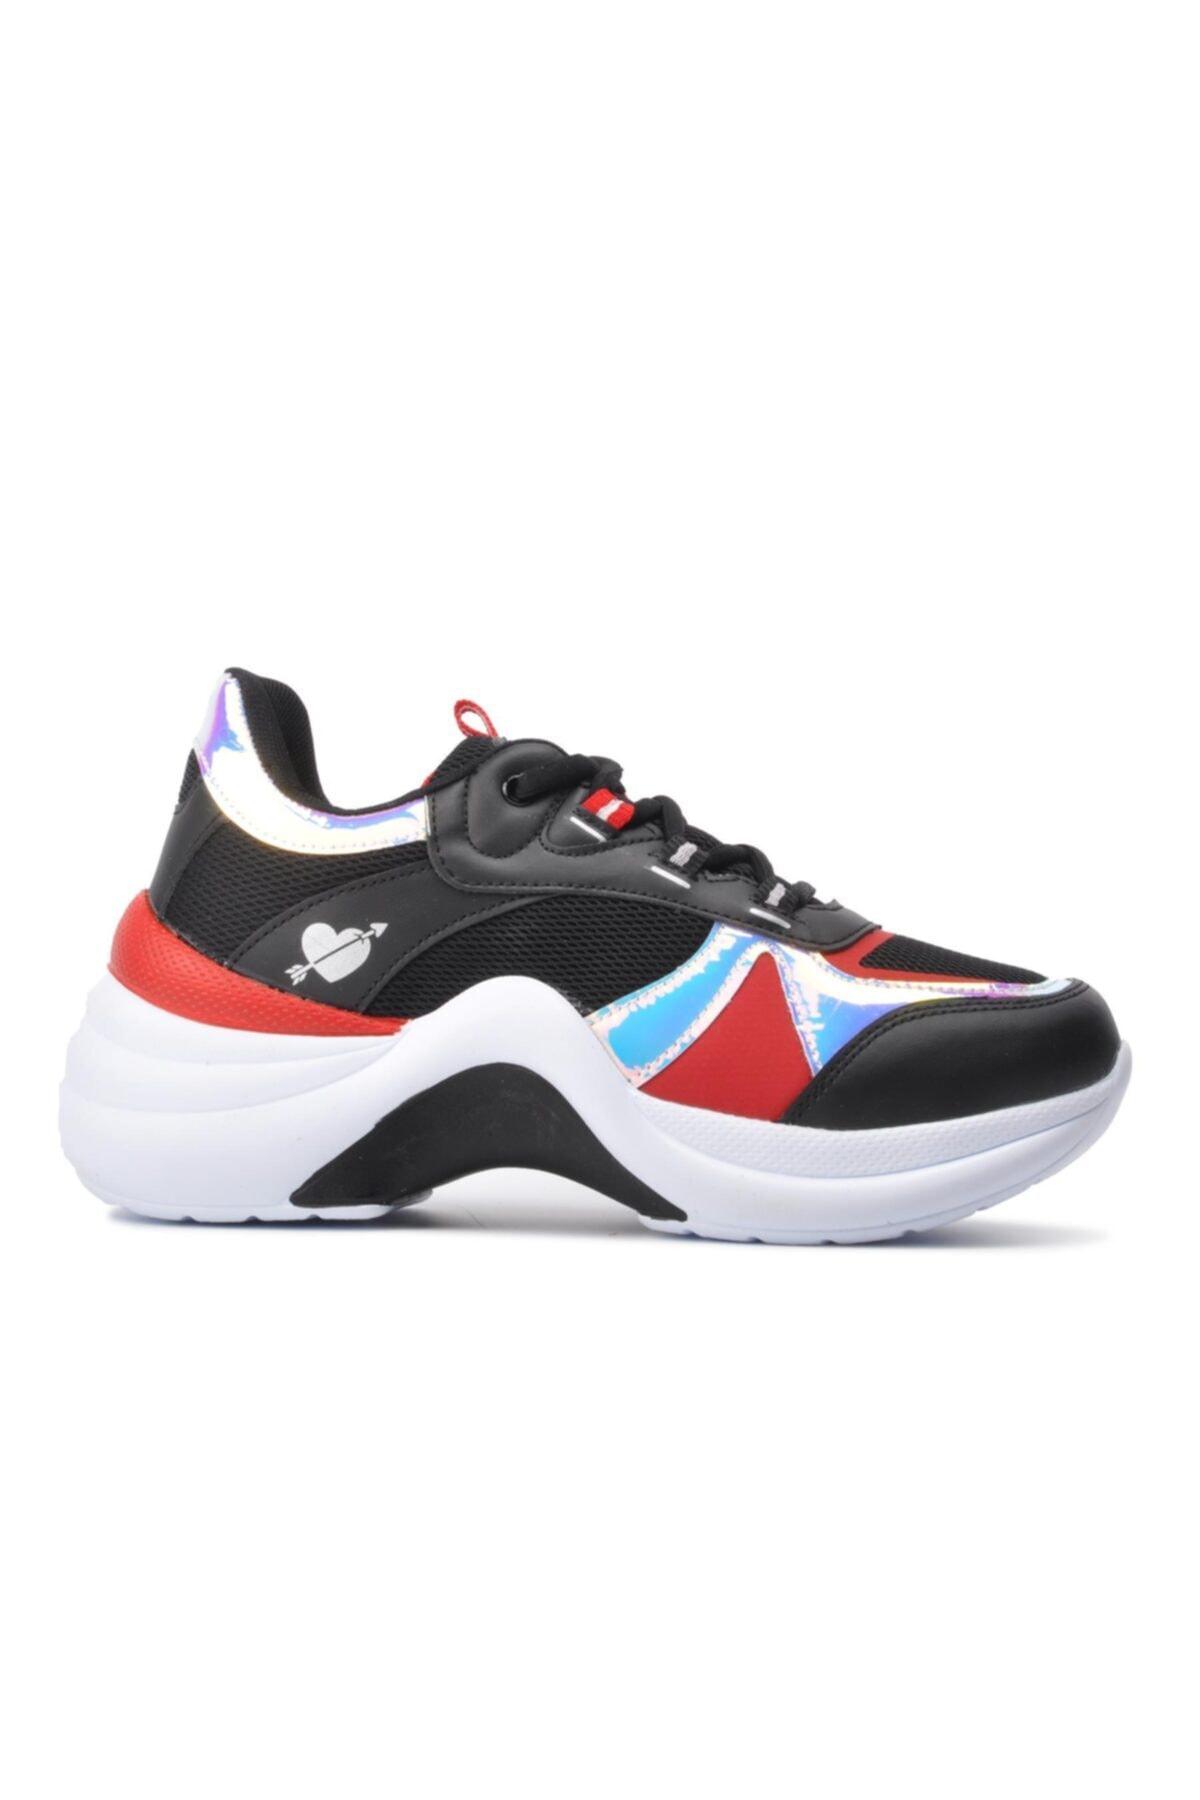 Twingo 601 Siyah-kırmızı Kadın Spor Ayakkabı 1